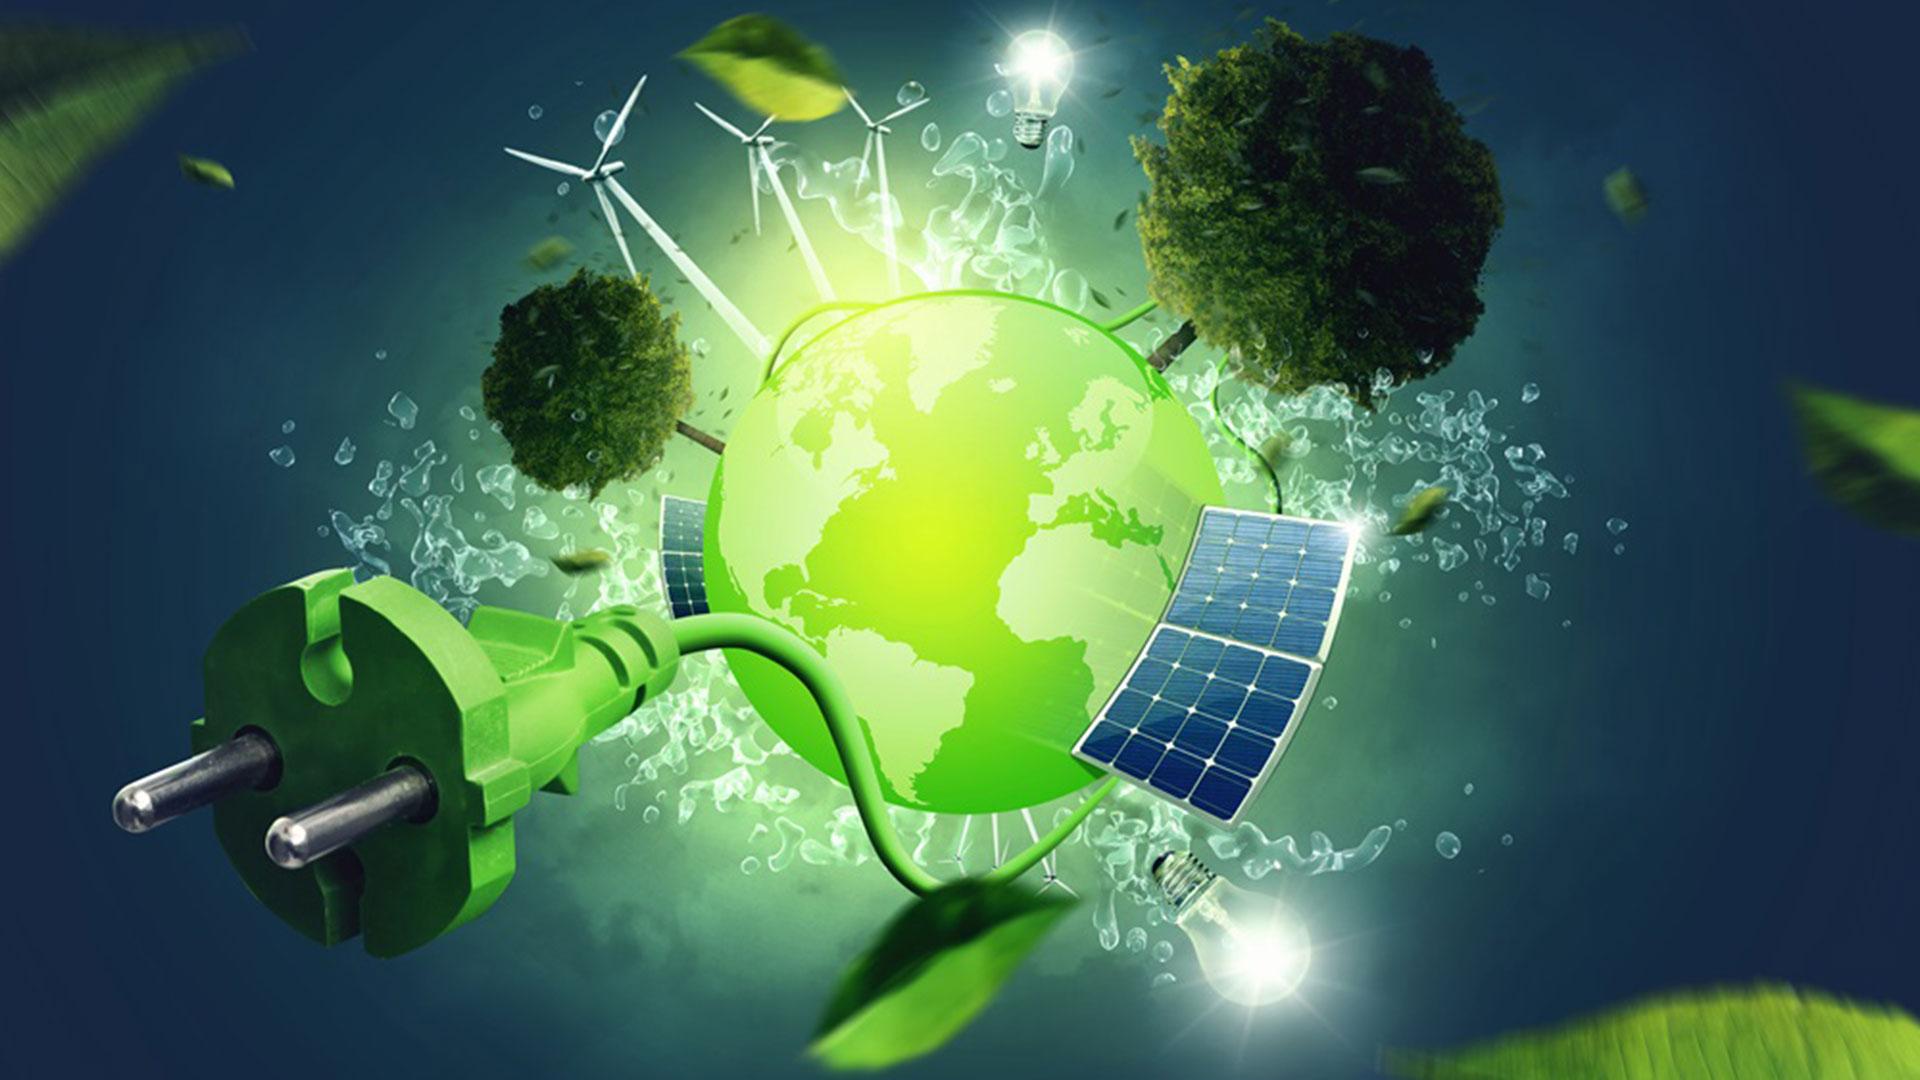 μηδενικής κατανάλωσης ενέργειας